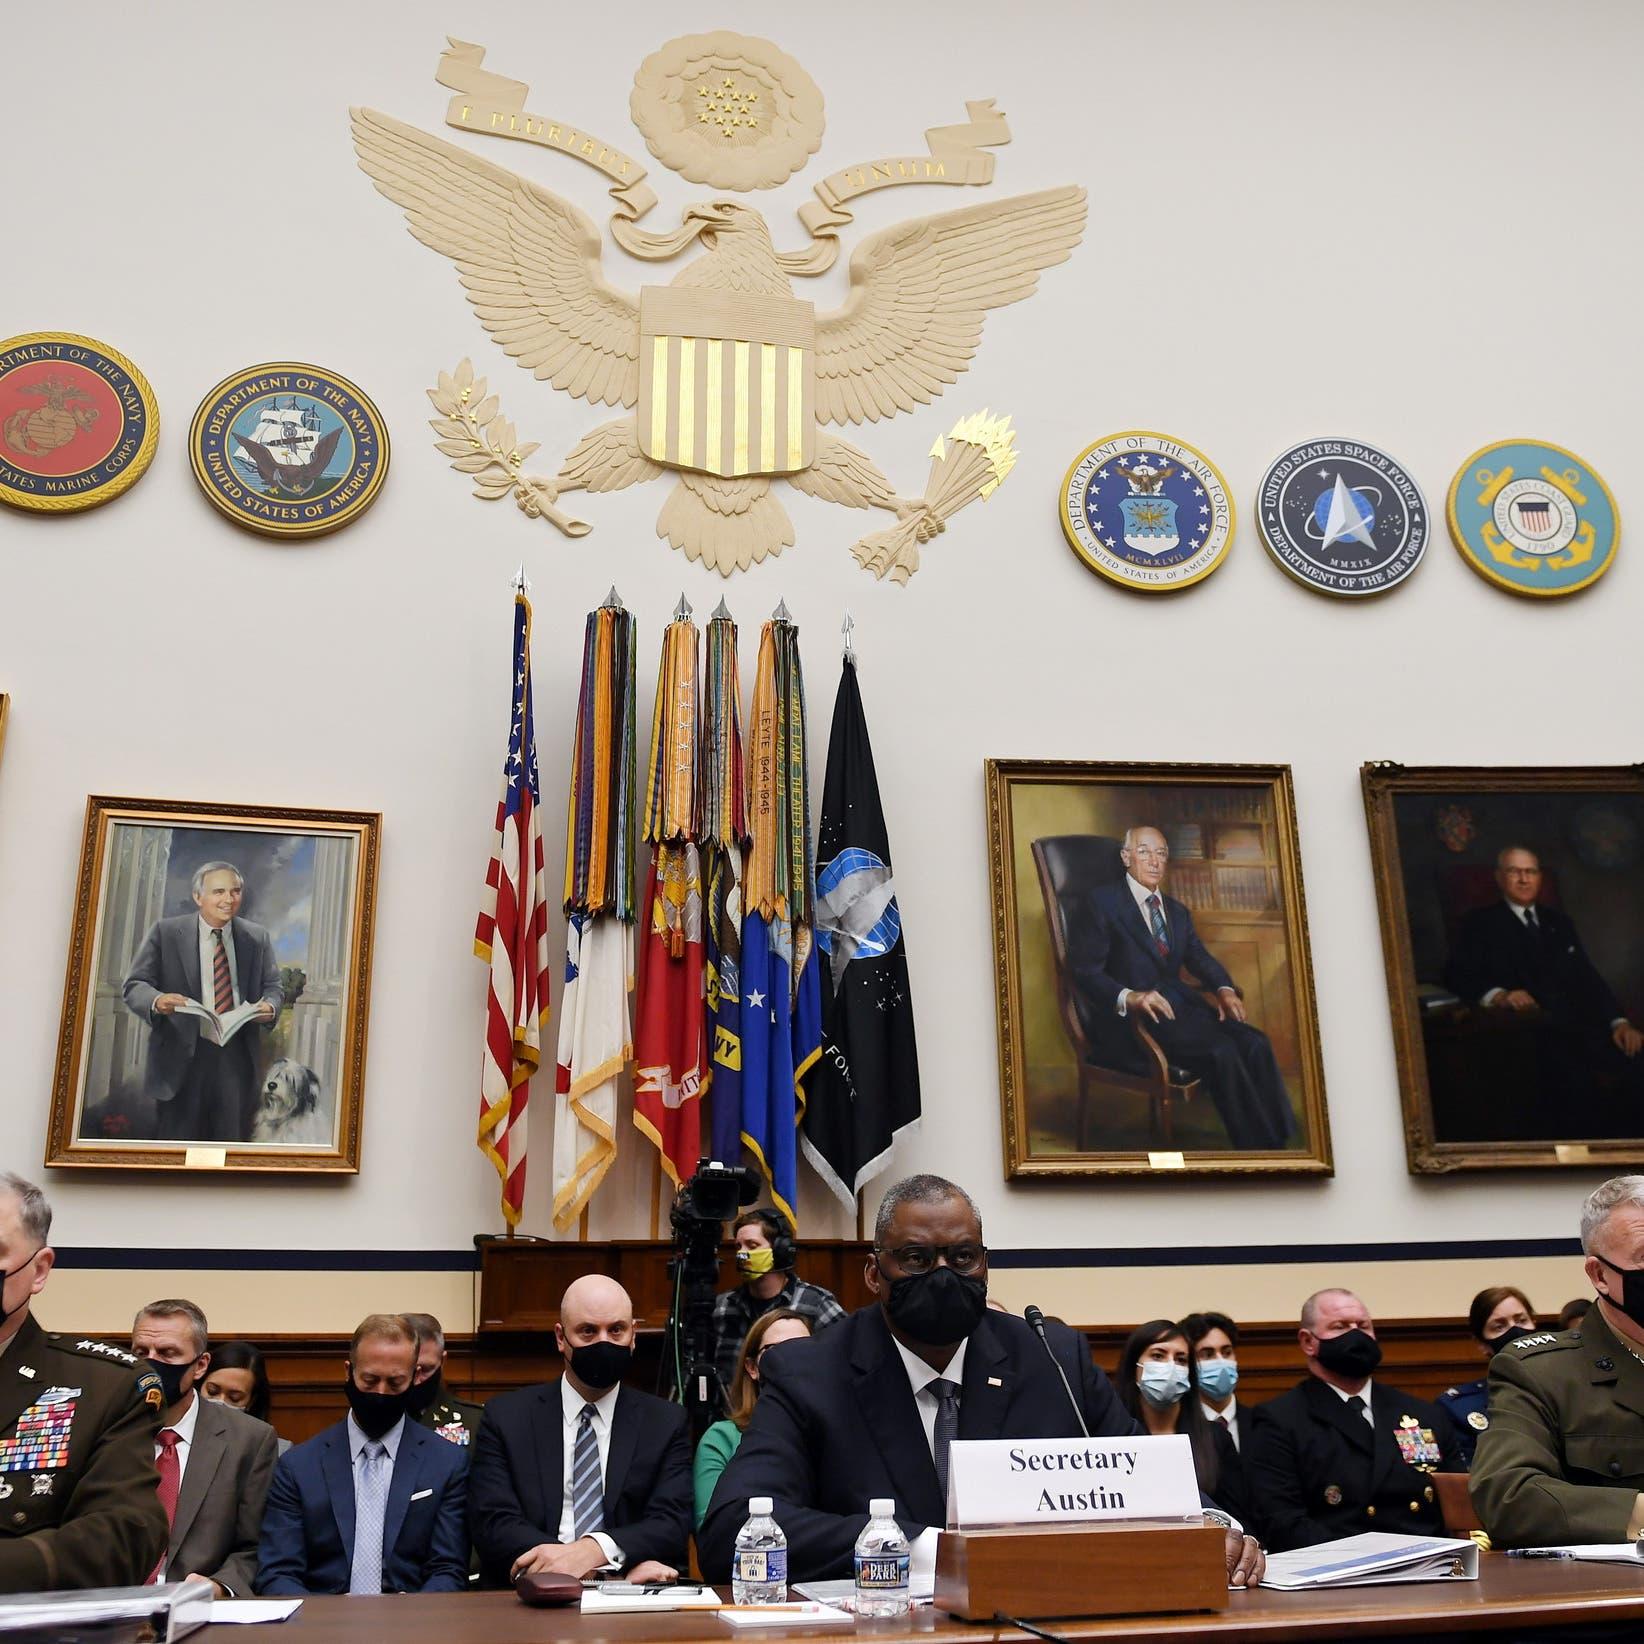 قادة البنتاغون للكونغرس: لم نتوقع سيطرة طالبان على أفغانستان خلال ساعات